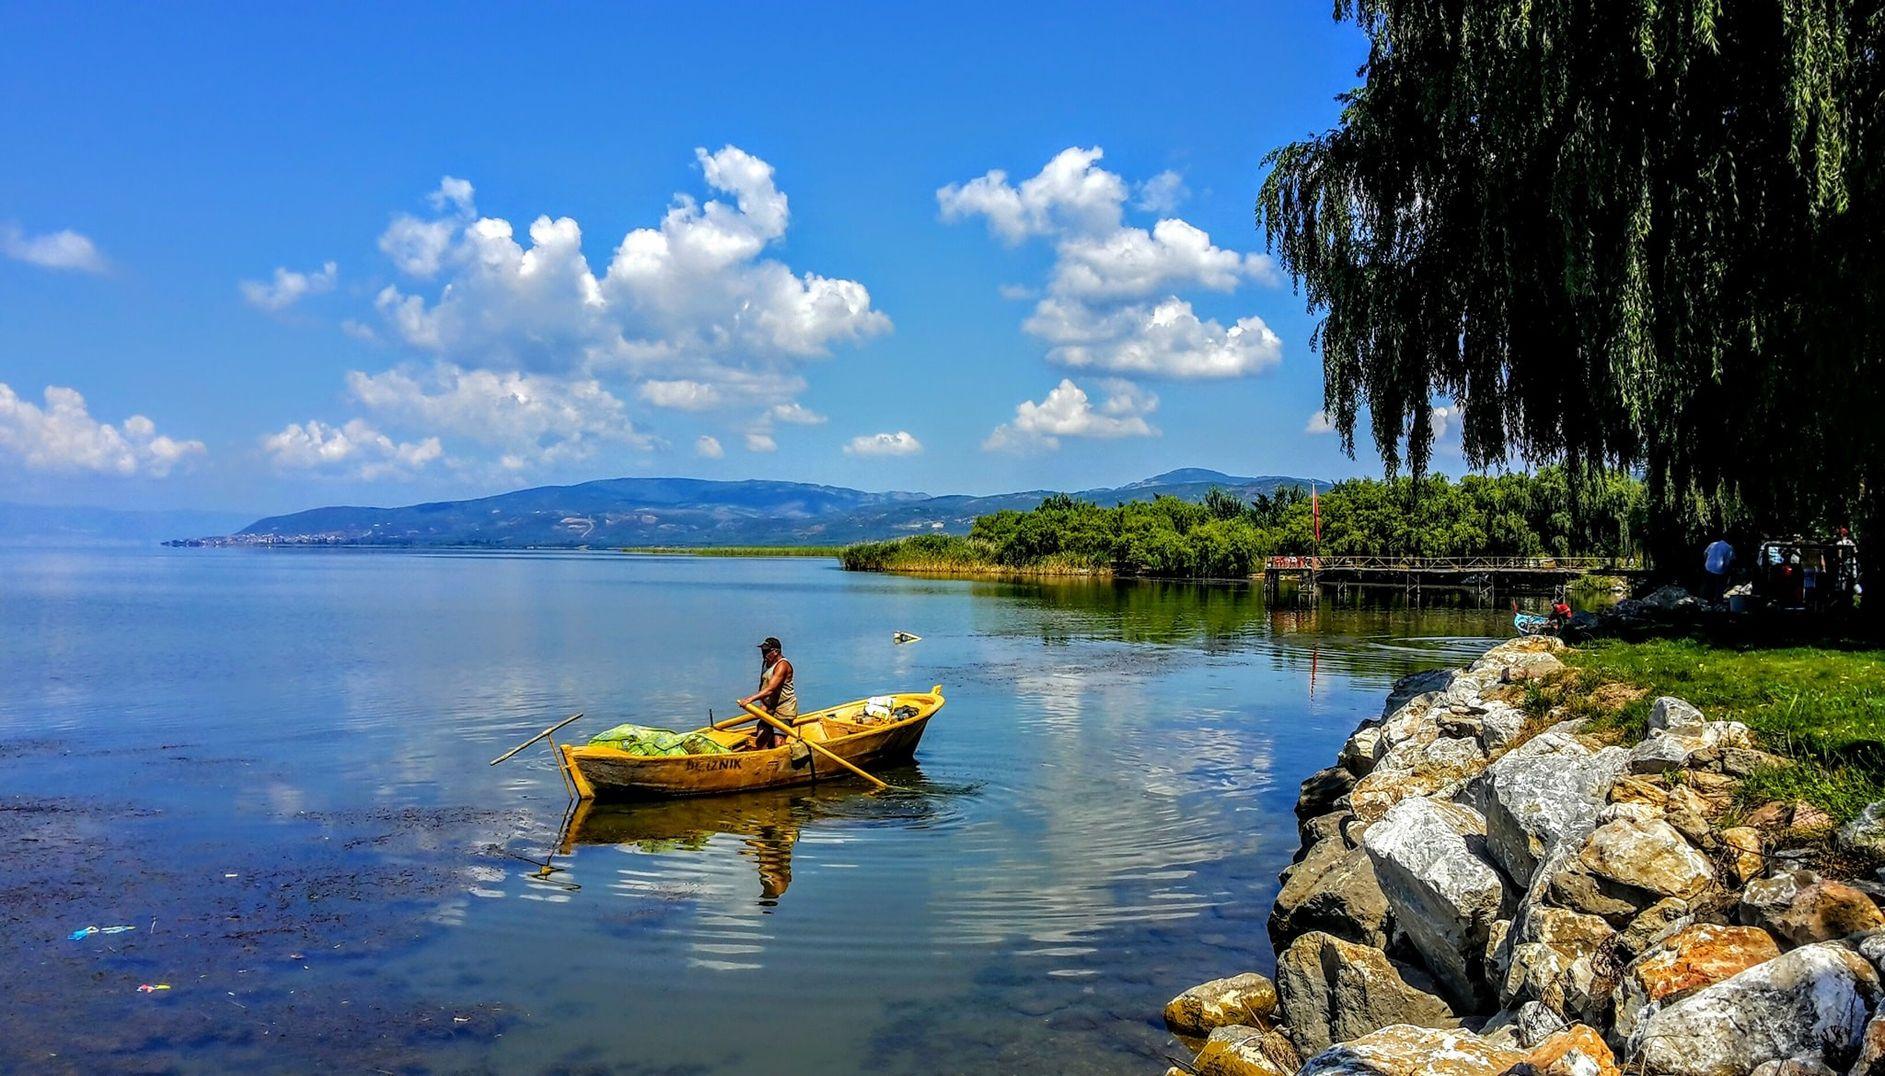 Bursa'nın ilçesi olan İznik, Dünya Miras Geçici Listesi'nde yer alıyor. İznik'in yakın zamanda kalıcı listeye geçmesi bekleniyor.